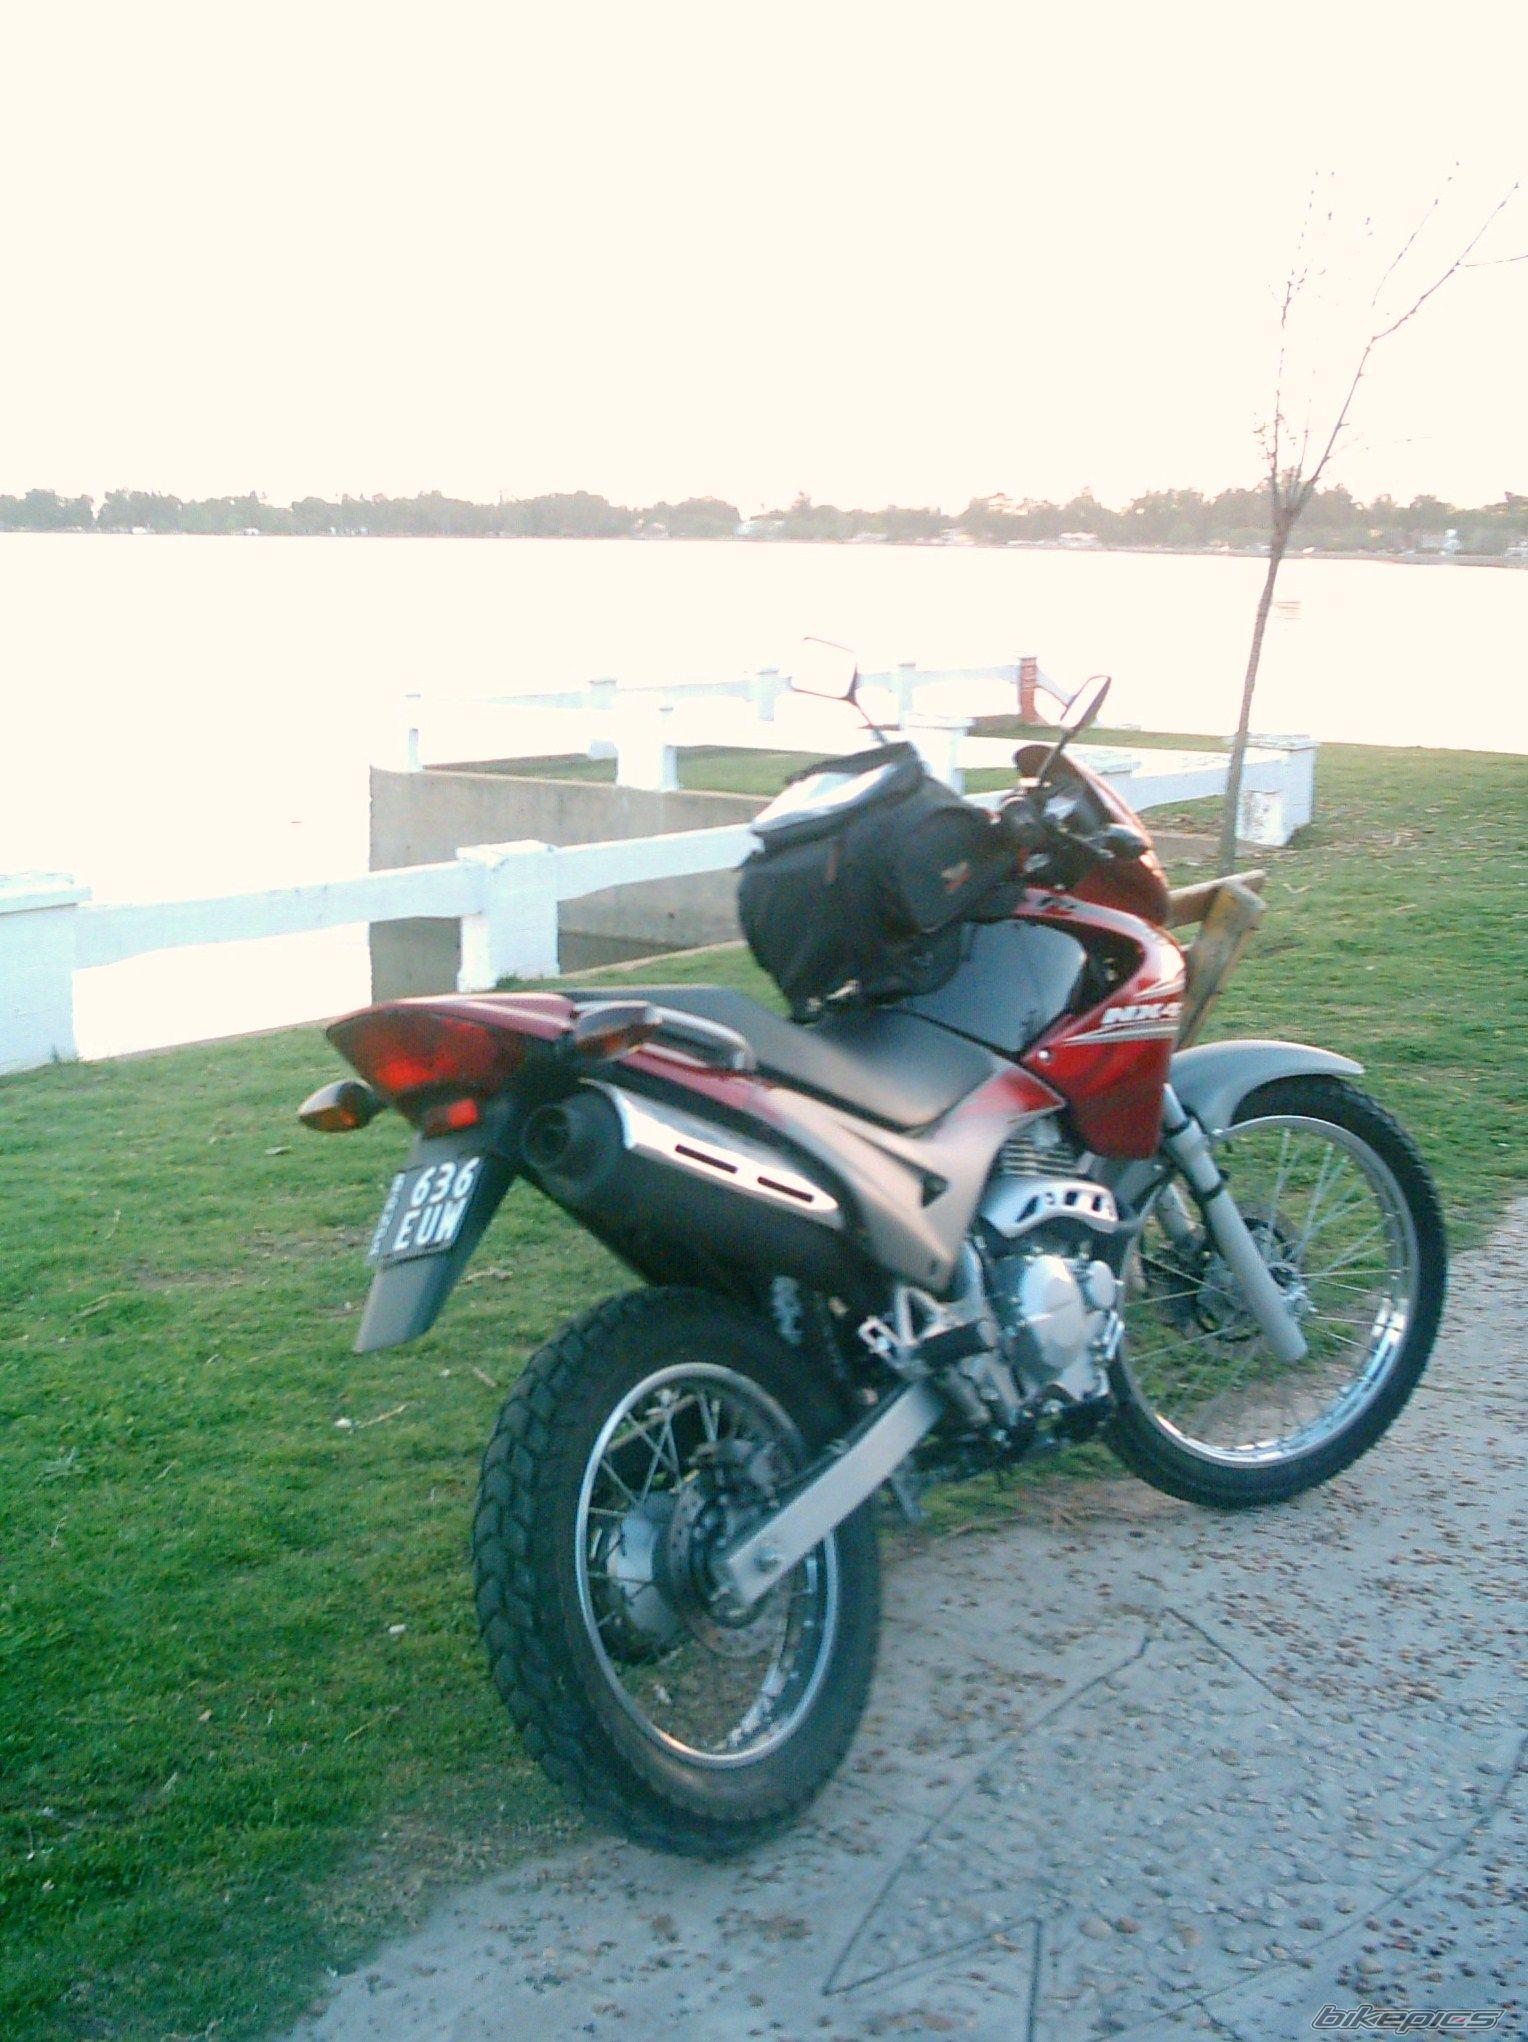 Honda Nx 4 Falcon 400 2002/2002 - Salão da Moto - 12287